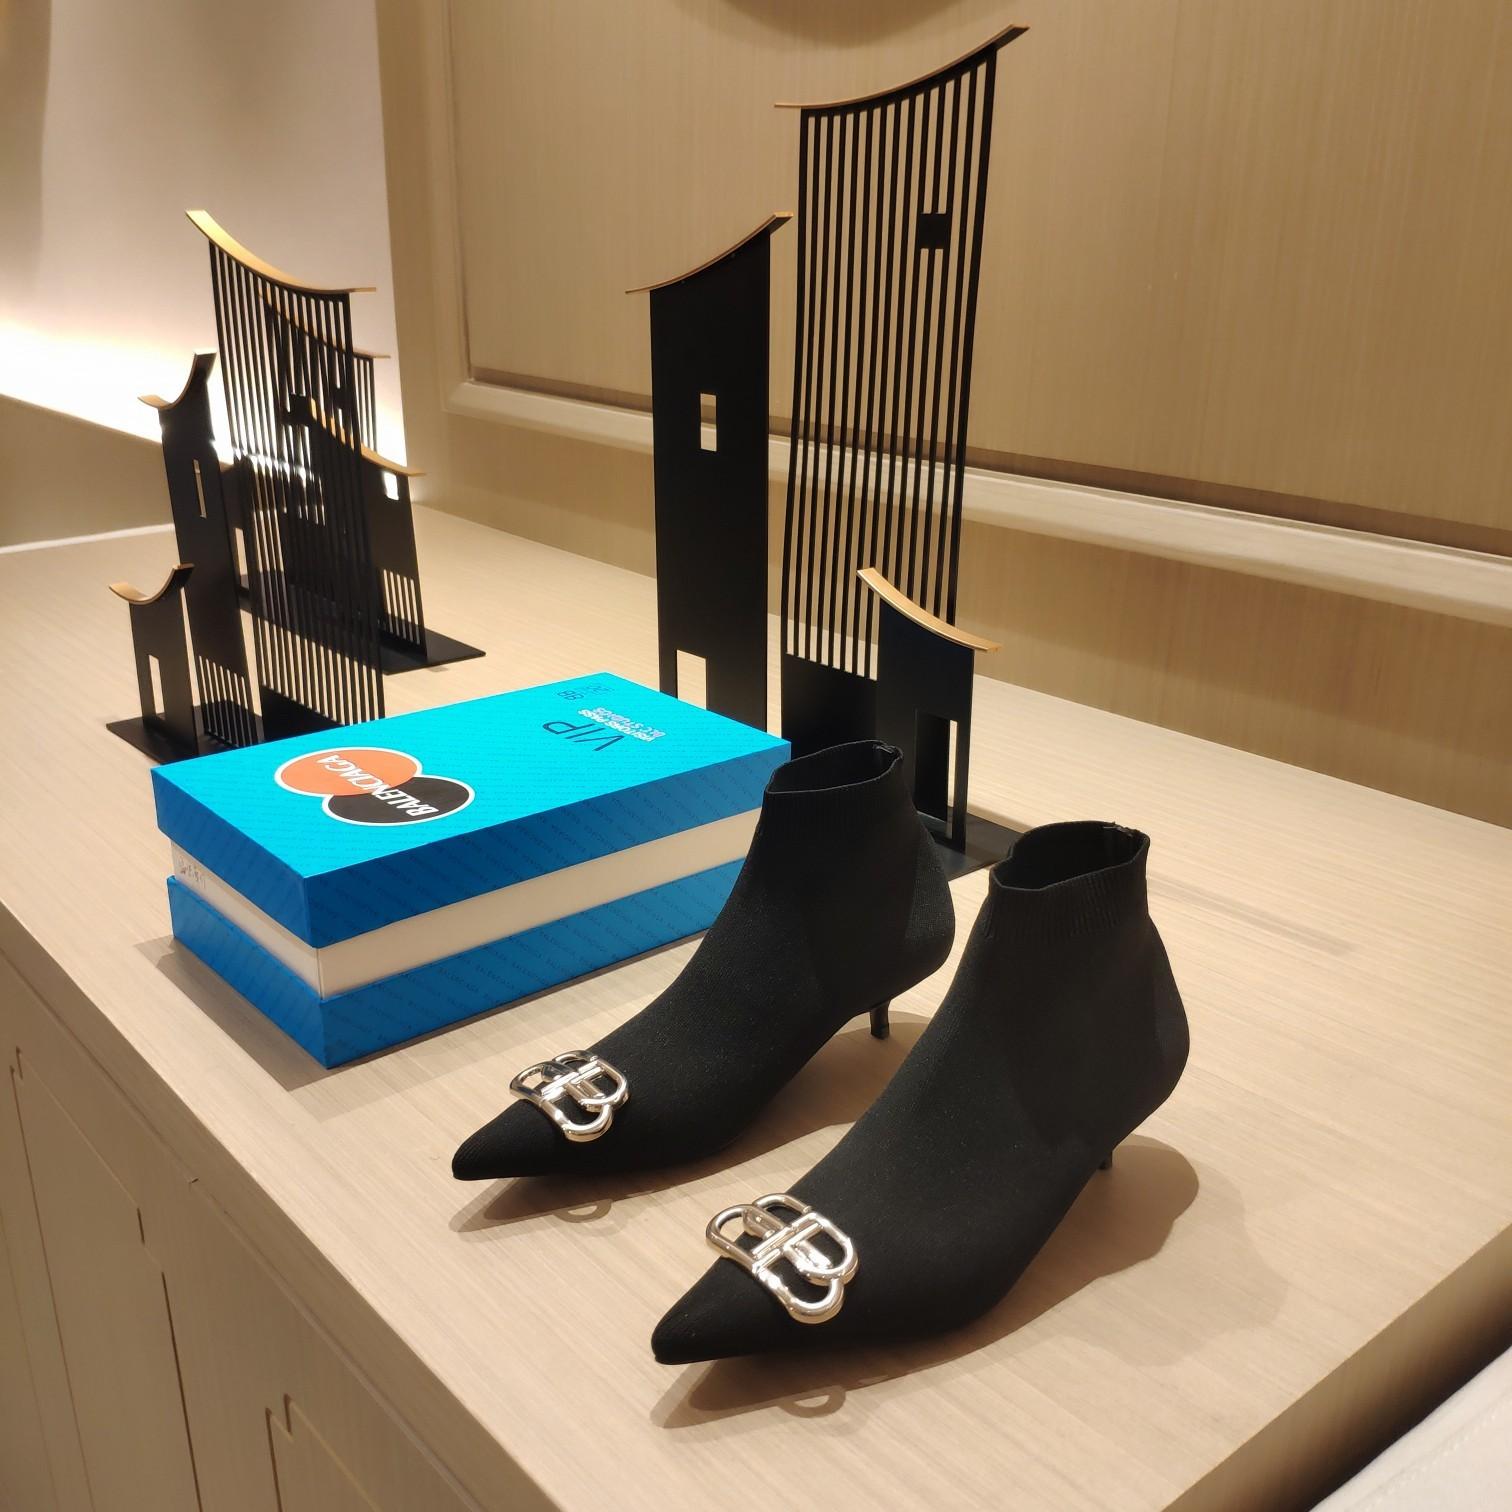 Фото Туфли зимние Beisheng Socks Boots - ukrfashion.com.ua